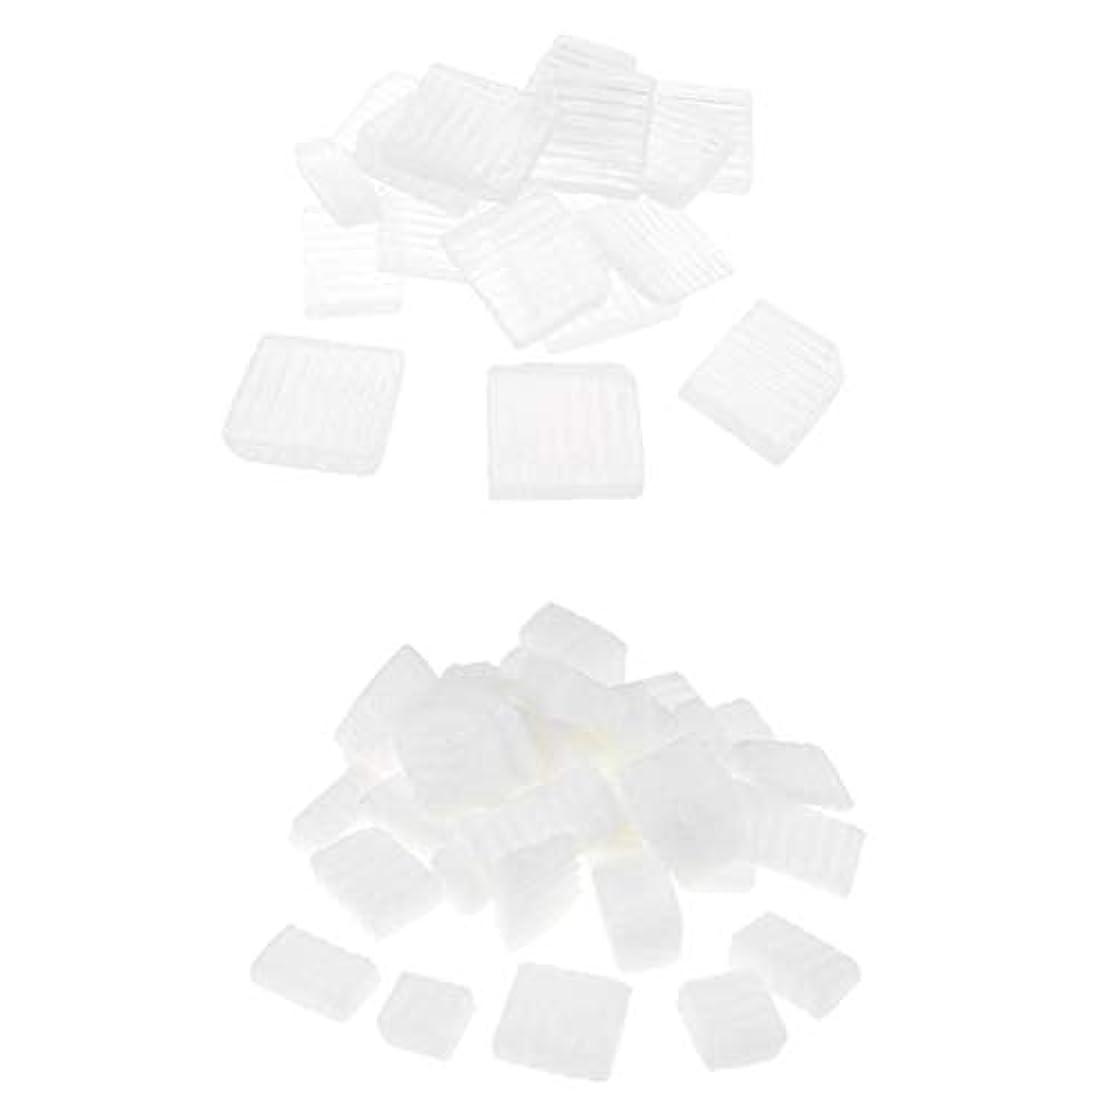 アルファベット充電既婚Baoblaze 固形せっけん 2KG 2種 ホワイト 透明 DIYハンドメイド ソープ原料 石鹸製造 古典的